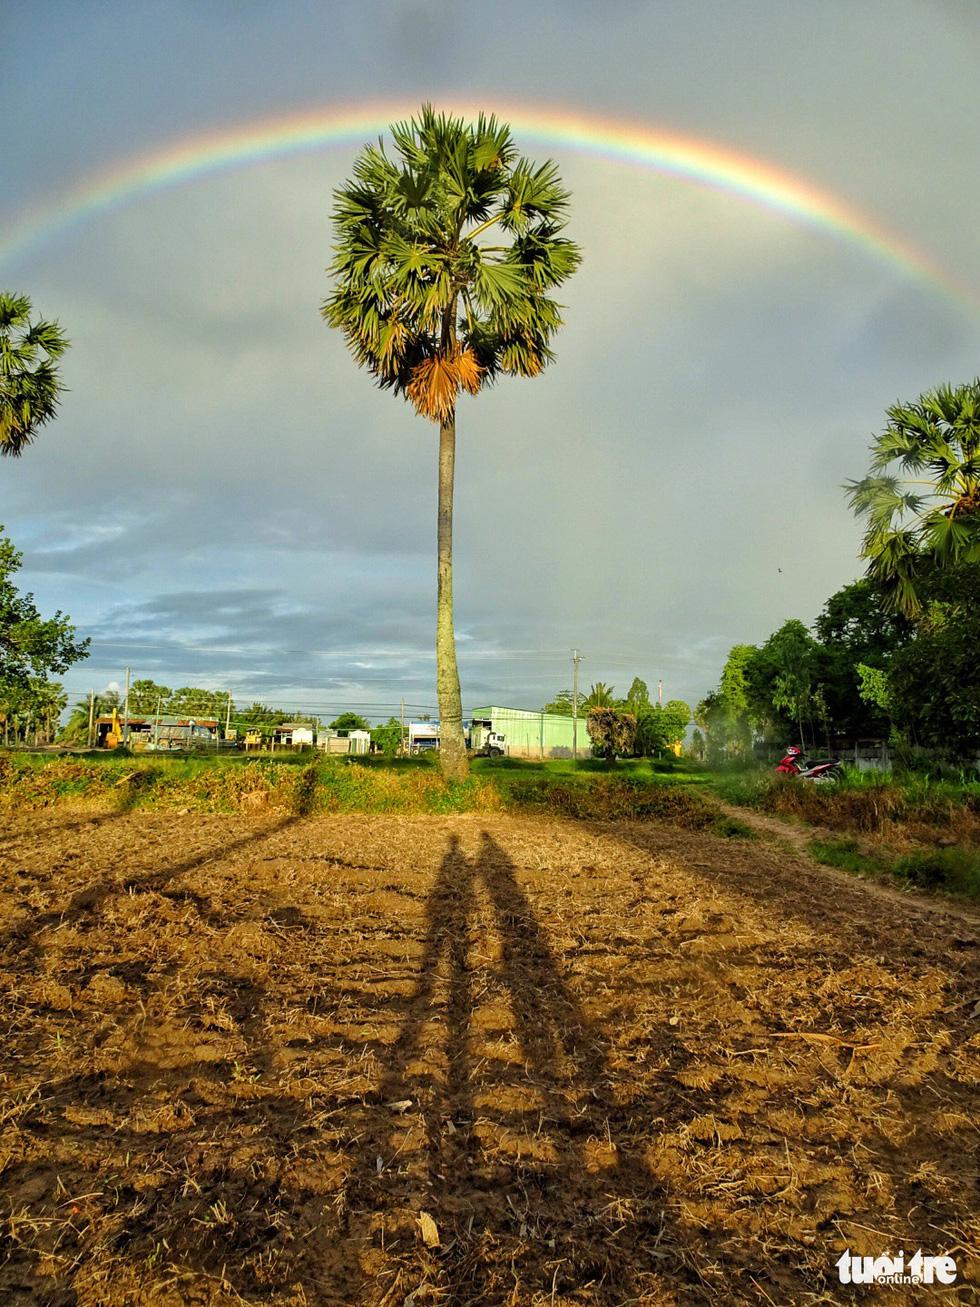 Bình dị mà rạng rỡ trên cánh đồng lúa Tà Pạ ở Tri Tôn - Ảnh 12.